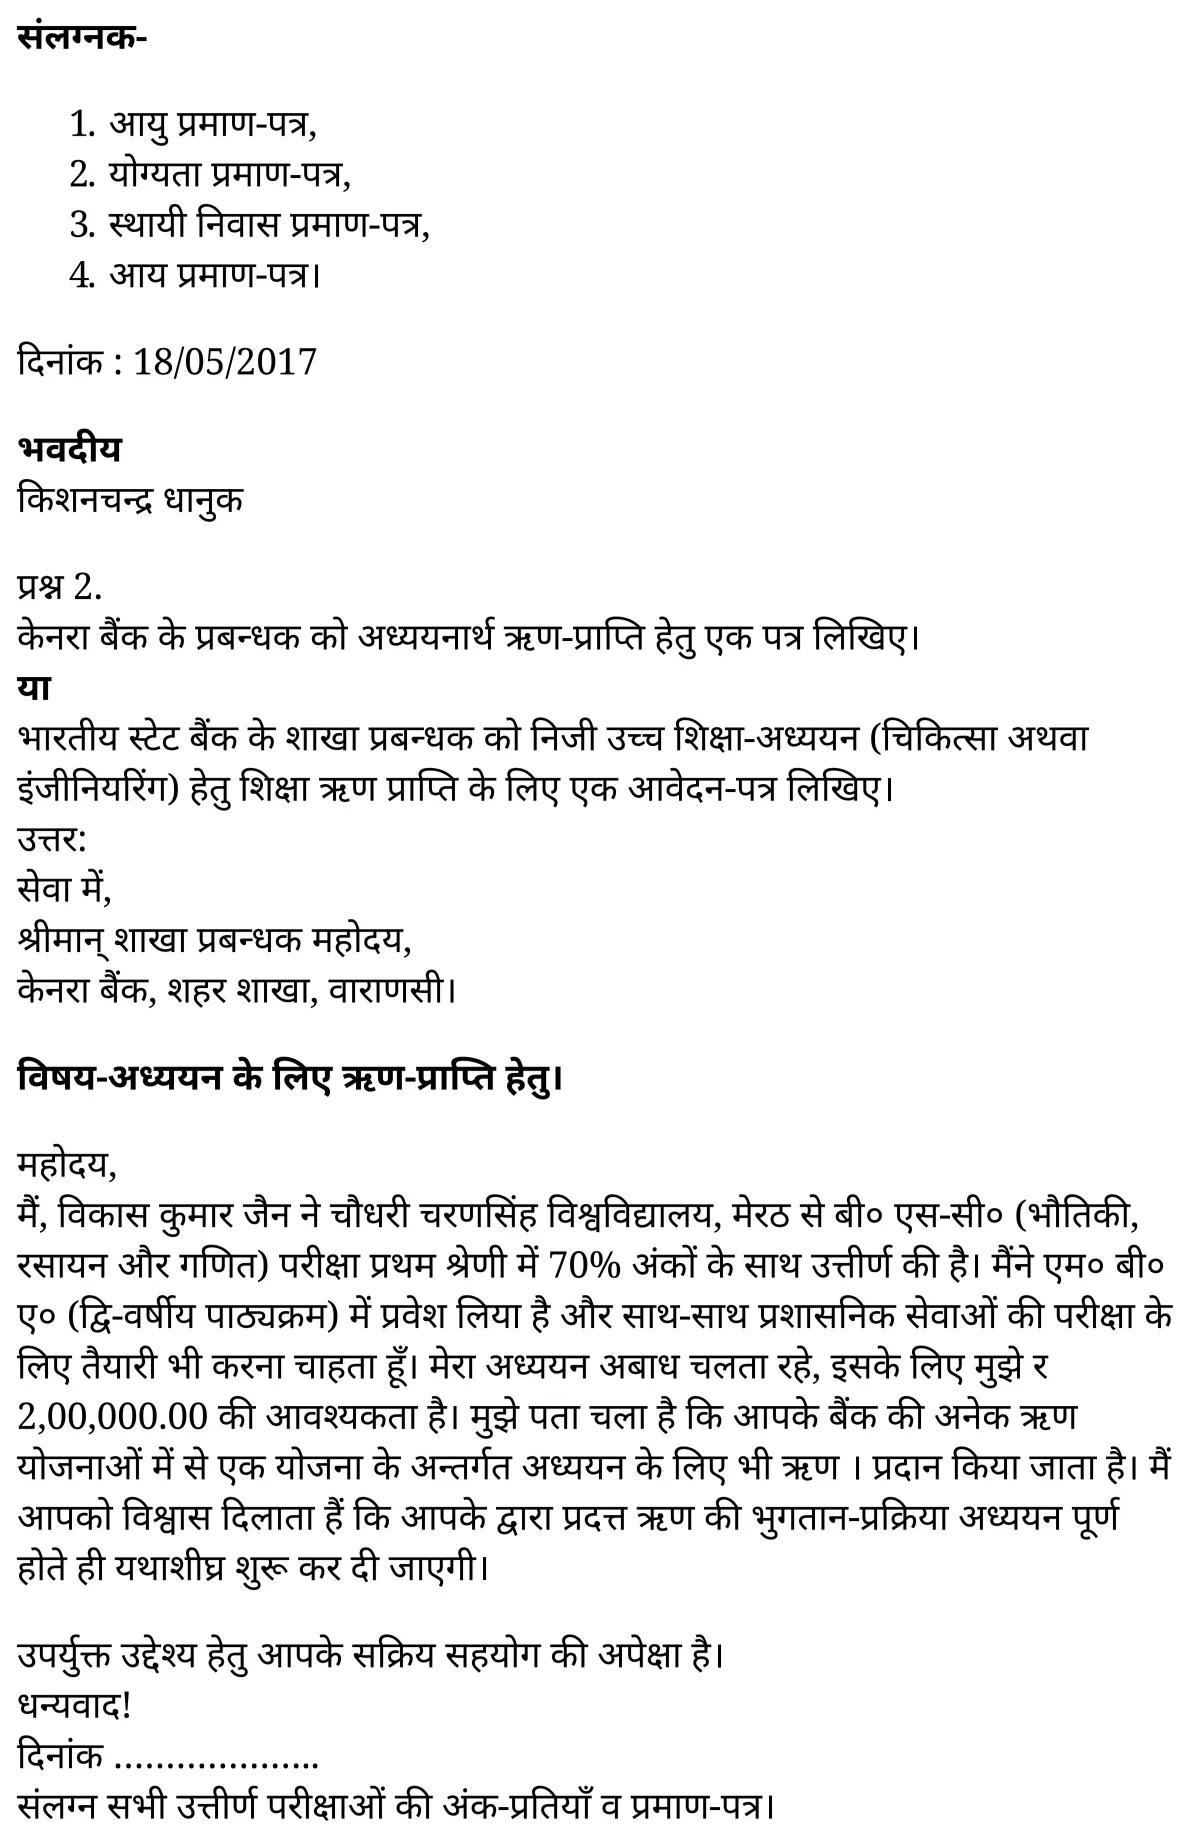 """यूपी बोर्ड एनसीईआरटी समाधान """"कक्षा 11 सामान्य  हिंदी"""" बैंक/विभिन्न व्यवसायों से सम्बन्धित ऋण-प्राप्ति हेतु आवेदन-पत्र  हिंदी में"""